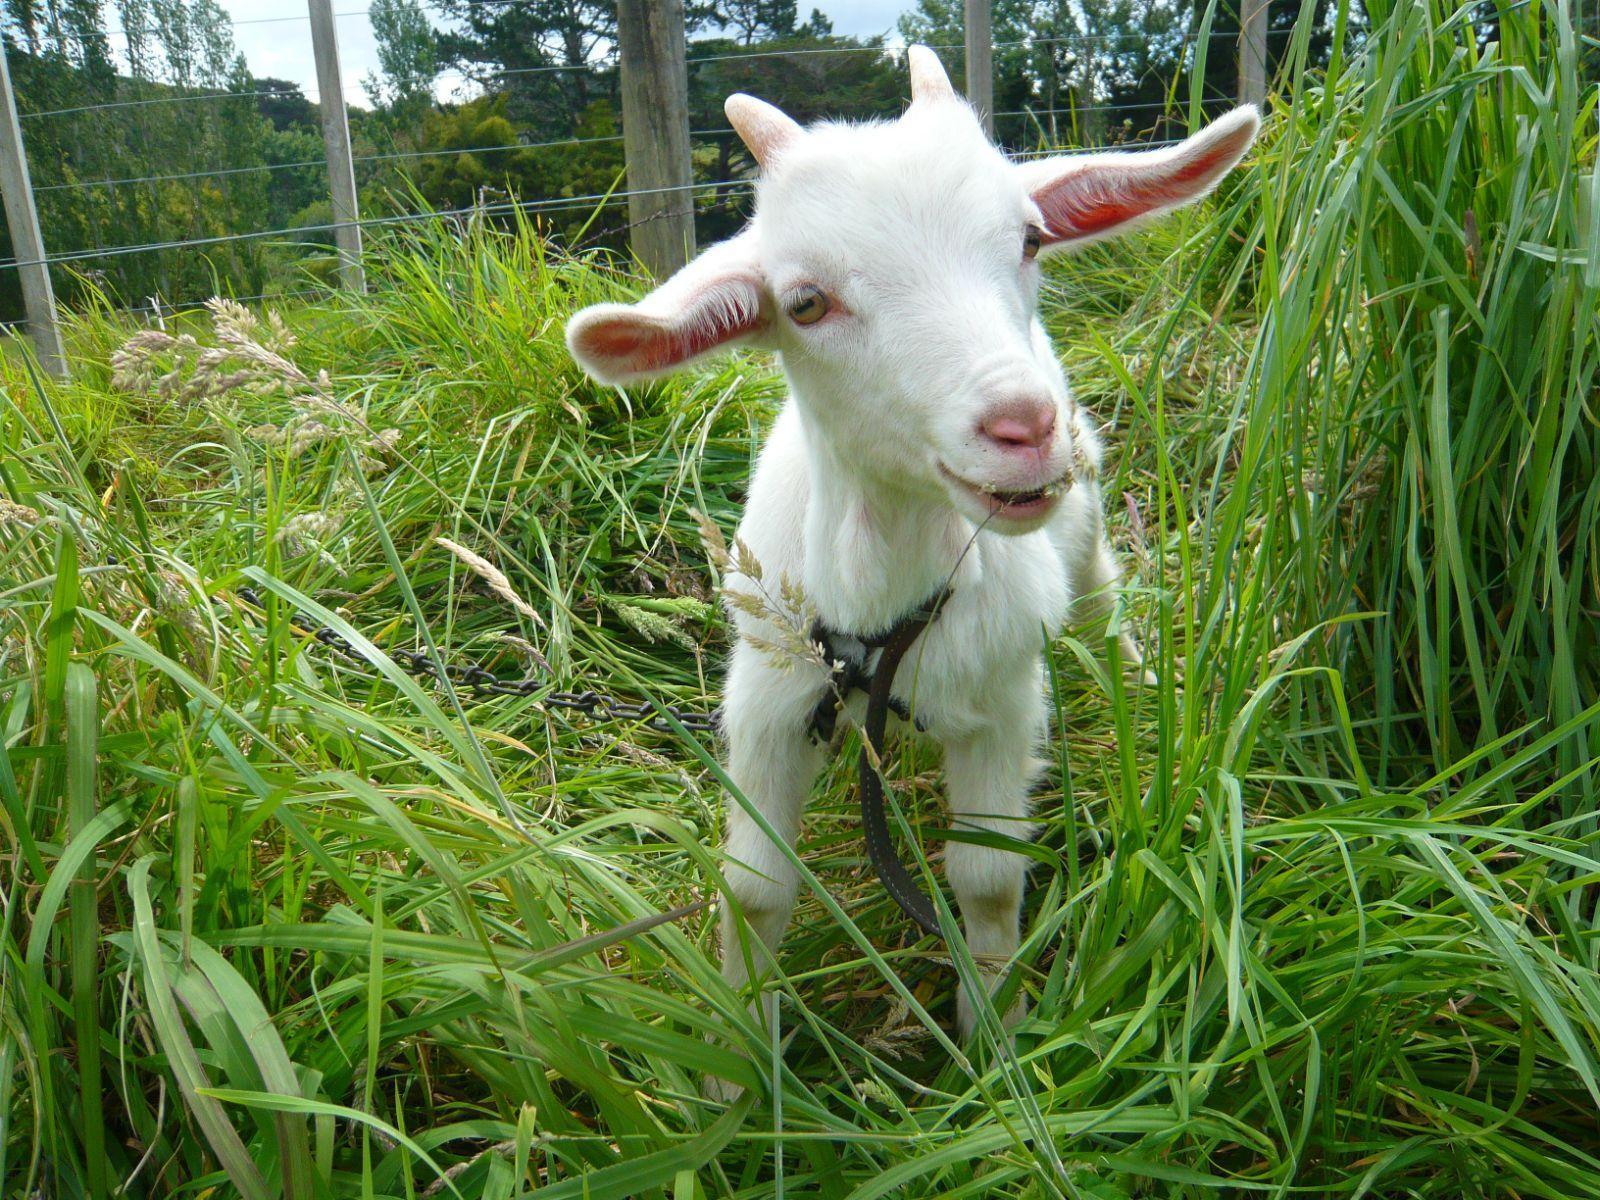 可爱的小山羊,一点都不怕生,还会用头蹭蹭,是在长角咩?